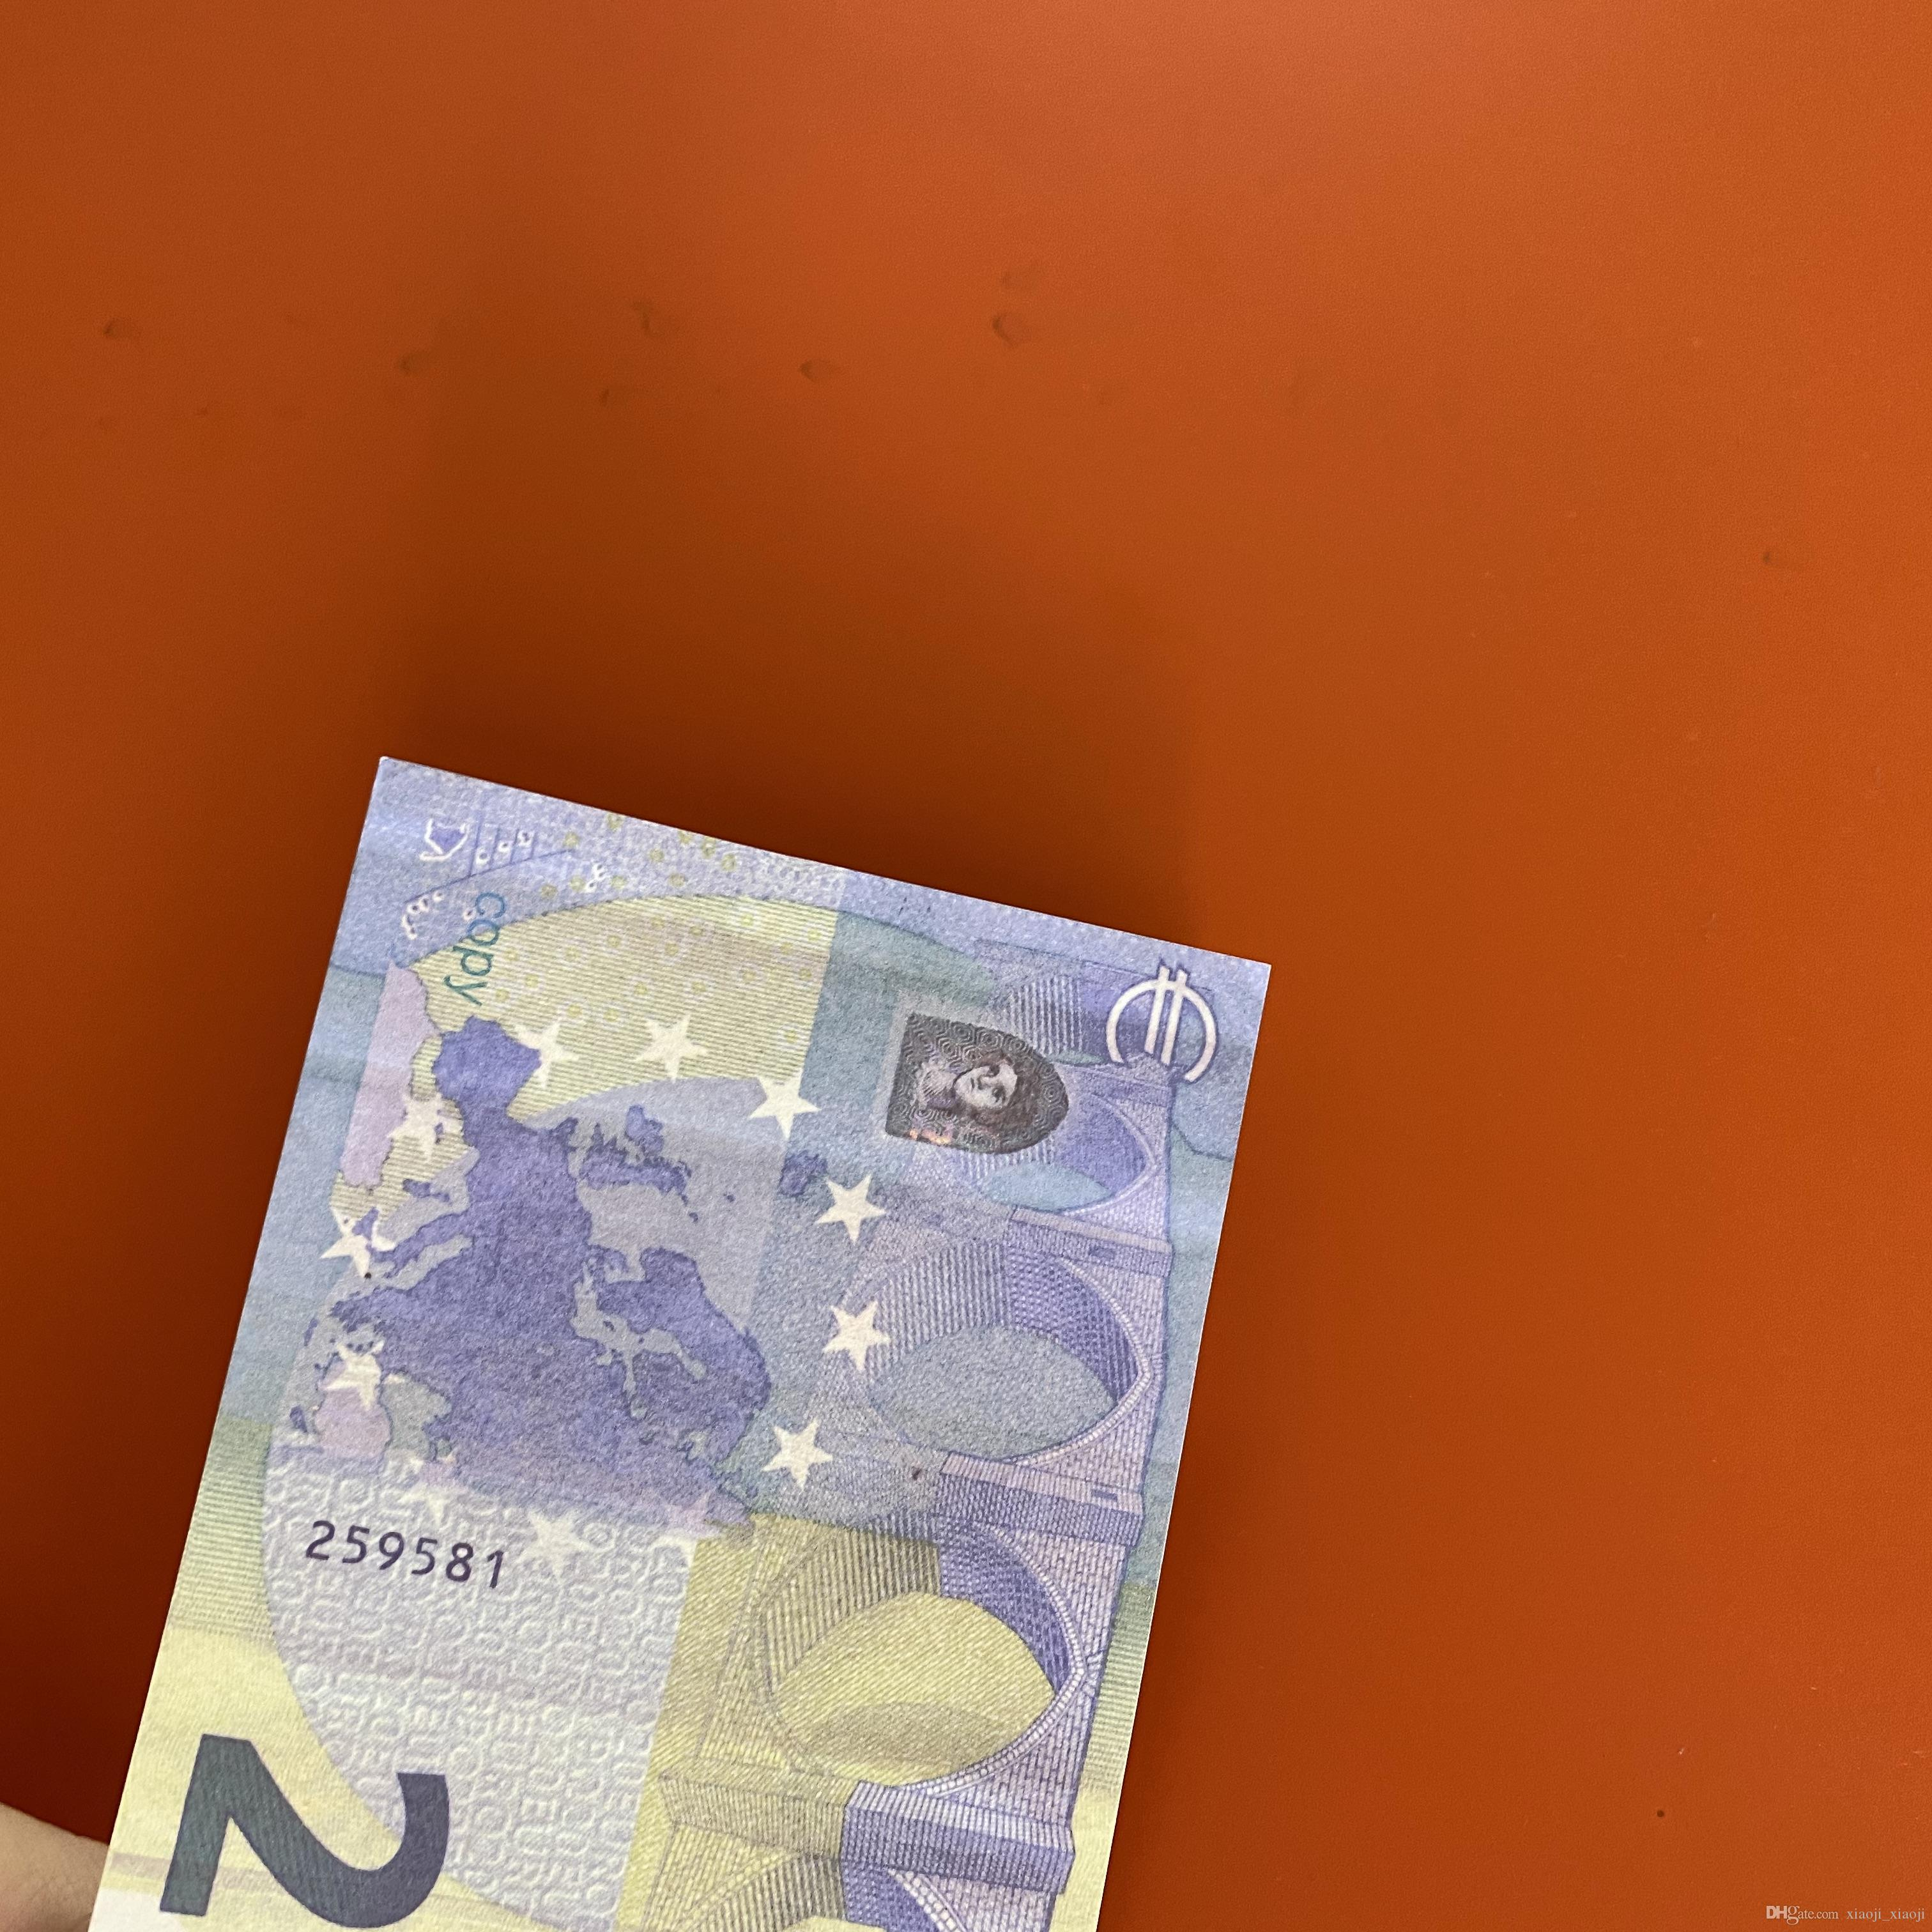 08 Hot-Selling Simulation und Euro Fake Toy 20 Banknote Bar Spiel Fernsehrequisiten Schießen Geld Münze Film Practice Token HKCNC